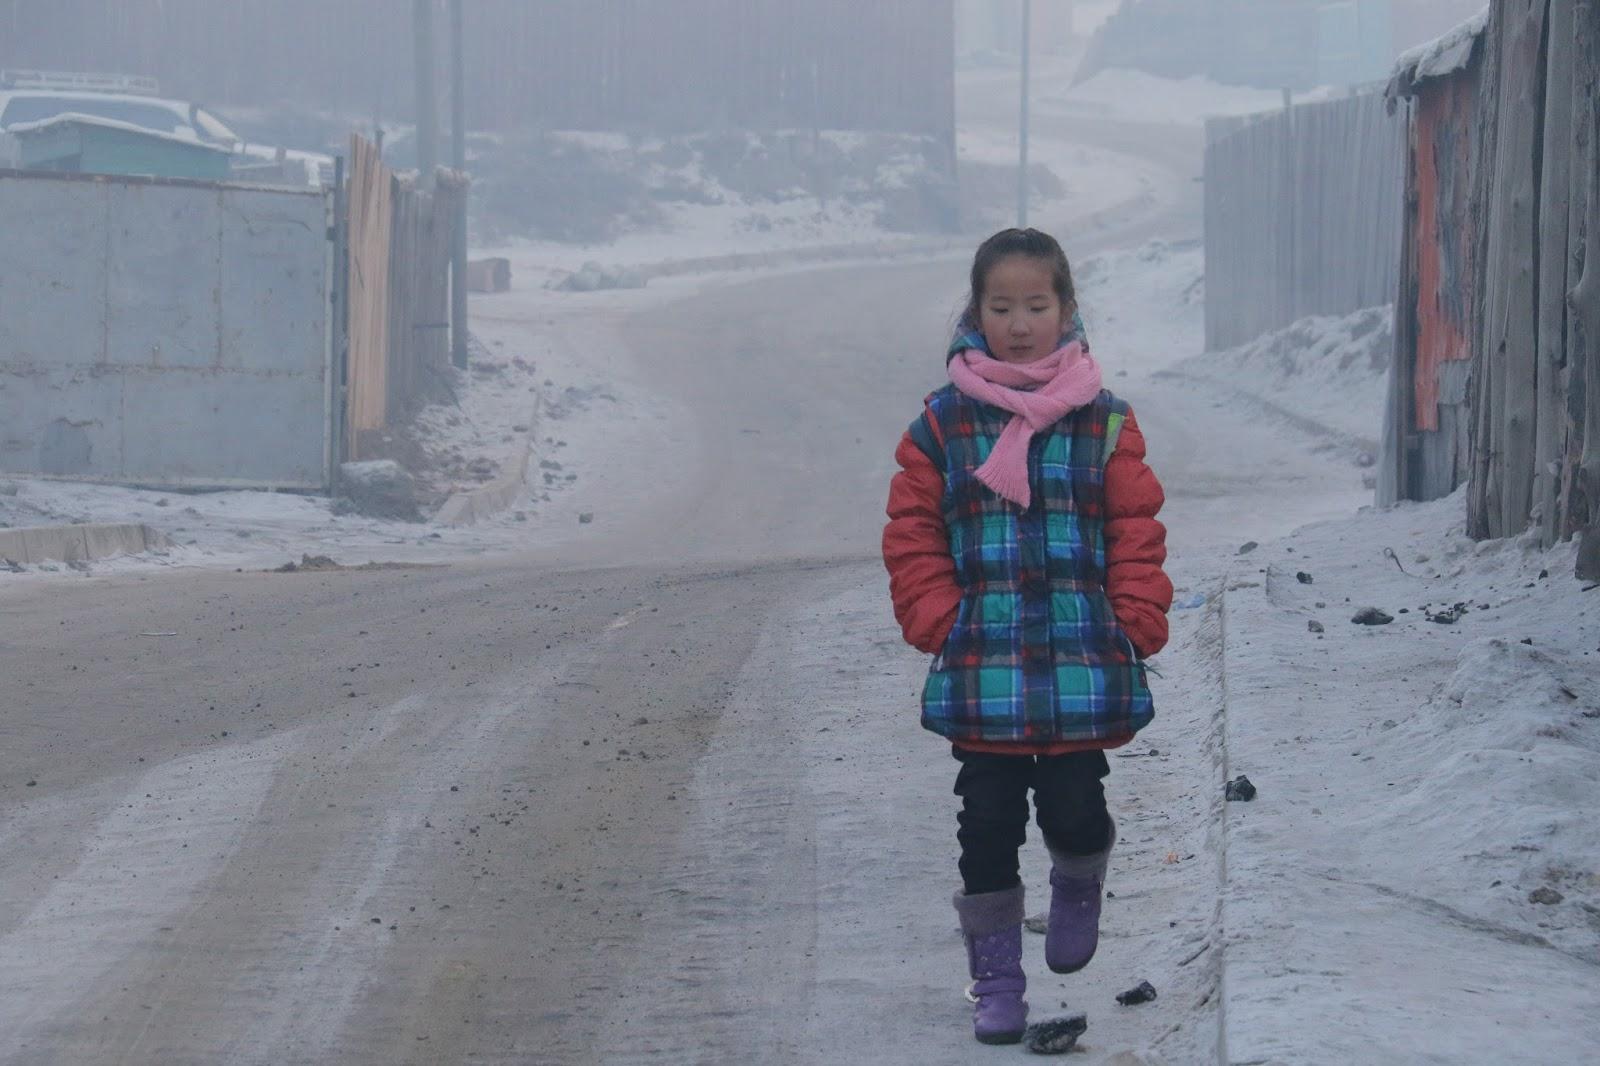 0-5 насны 10 хүүхэд тутмын нэг нь агаарын бохирдлоос болж нас барж байна